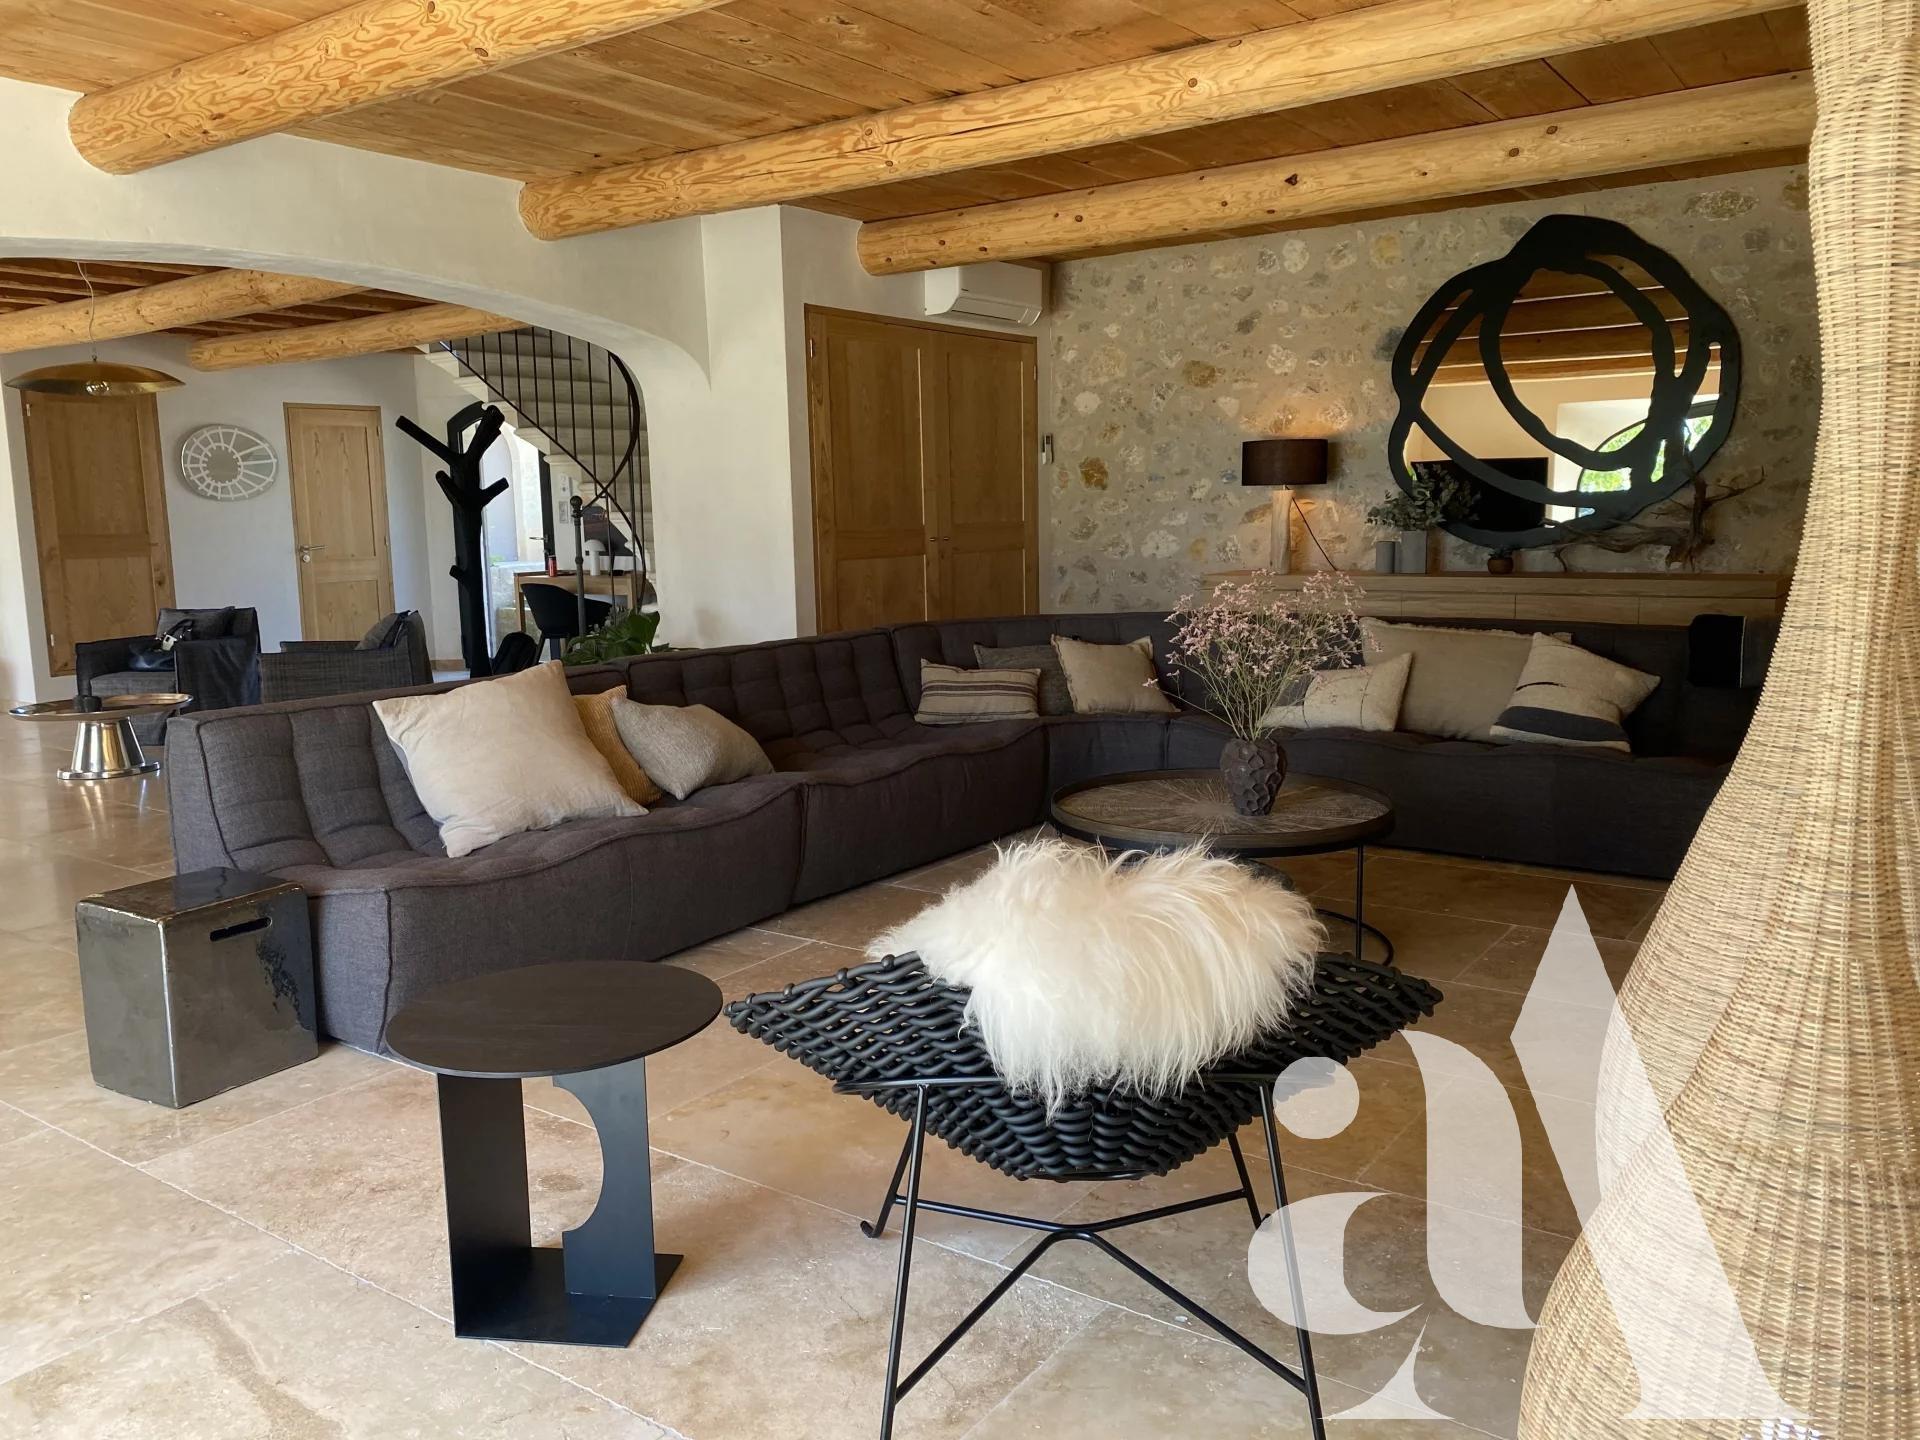 MAS SONIA - MAUSSANE LES ALPILLES - 5 chambres - 10 personnes